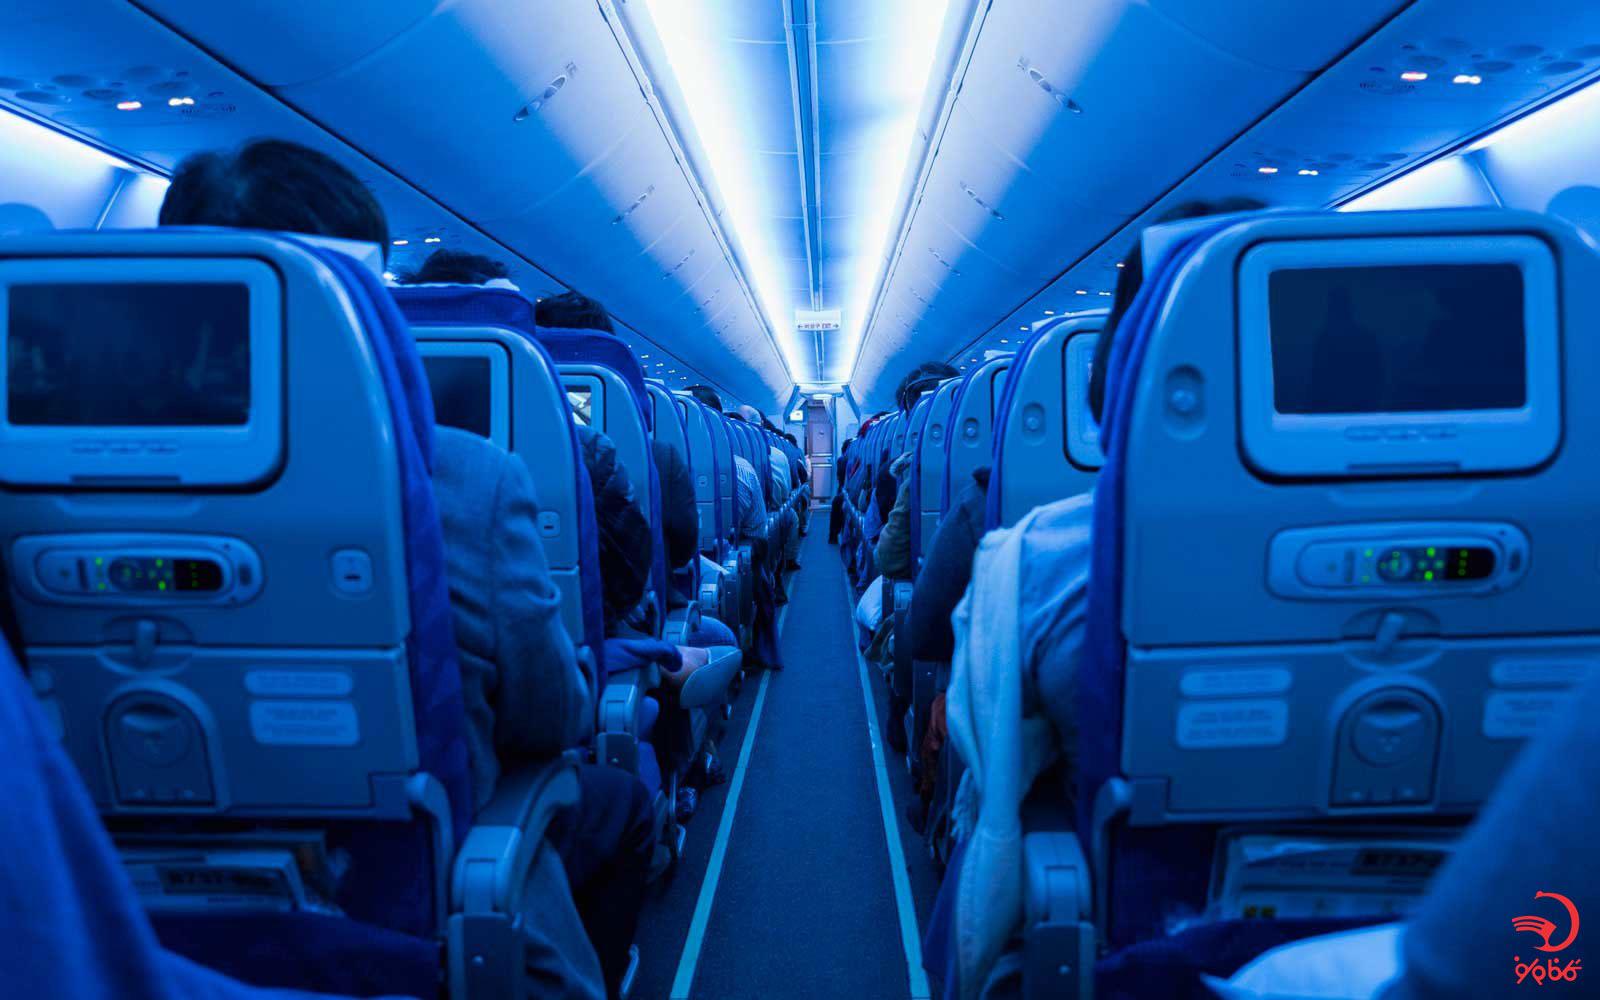 بدانید در مورد سرویس بهداشتی هواپیما